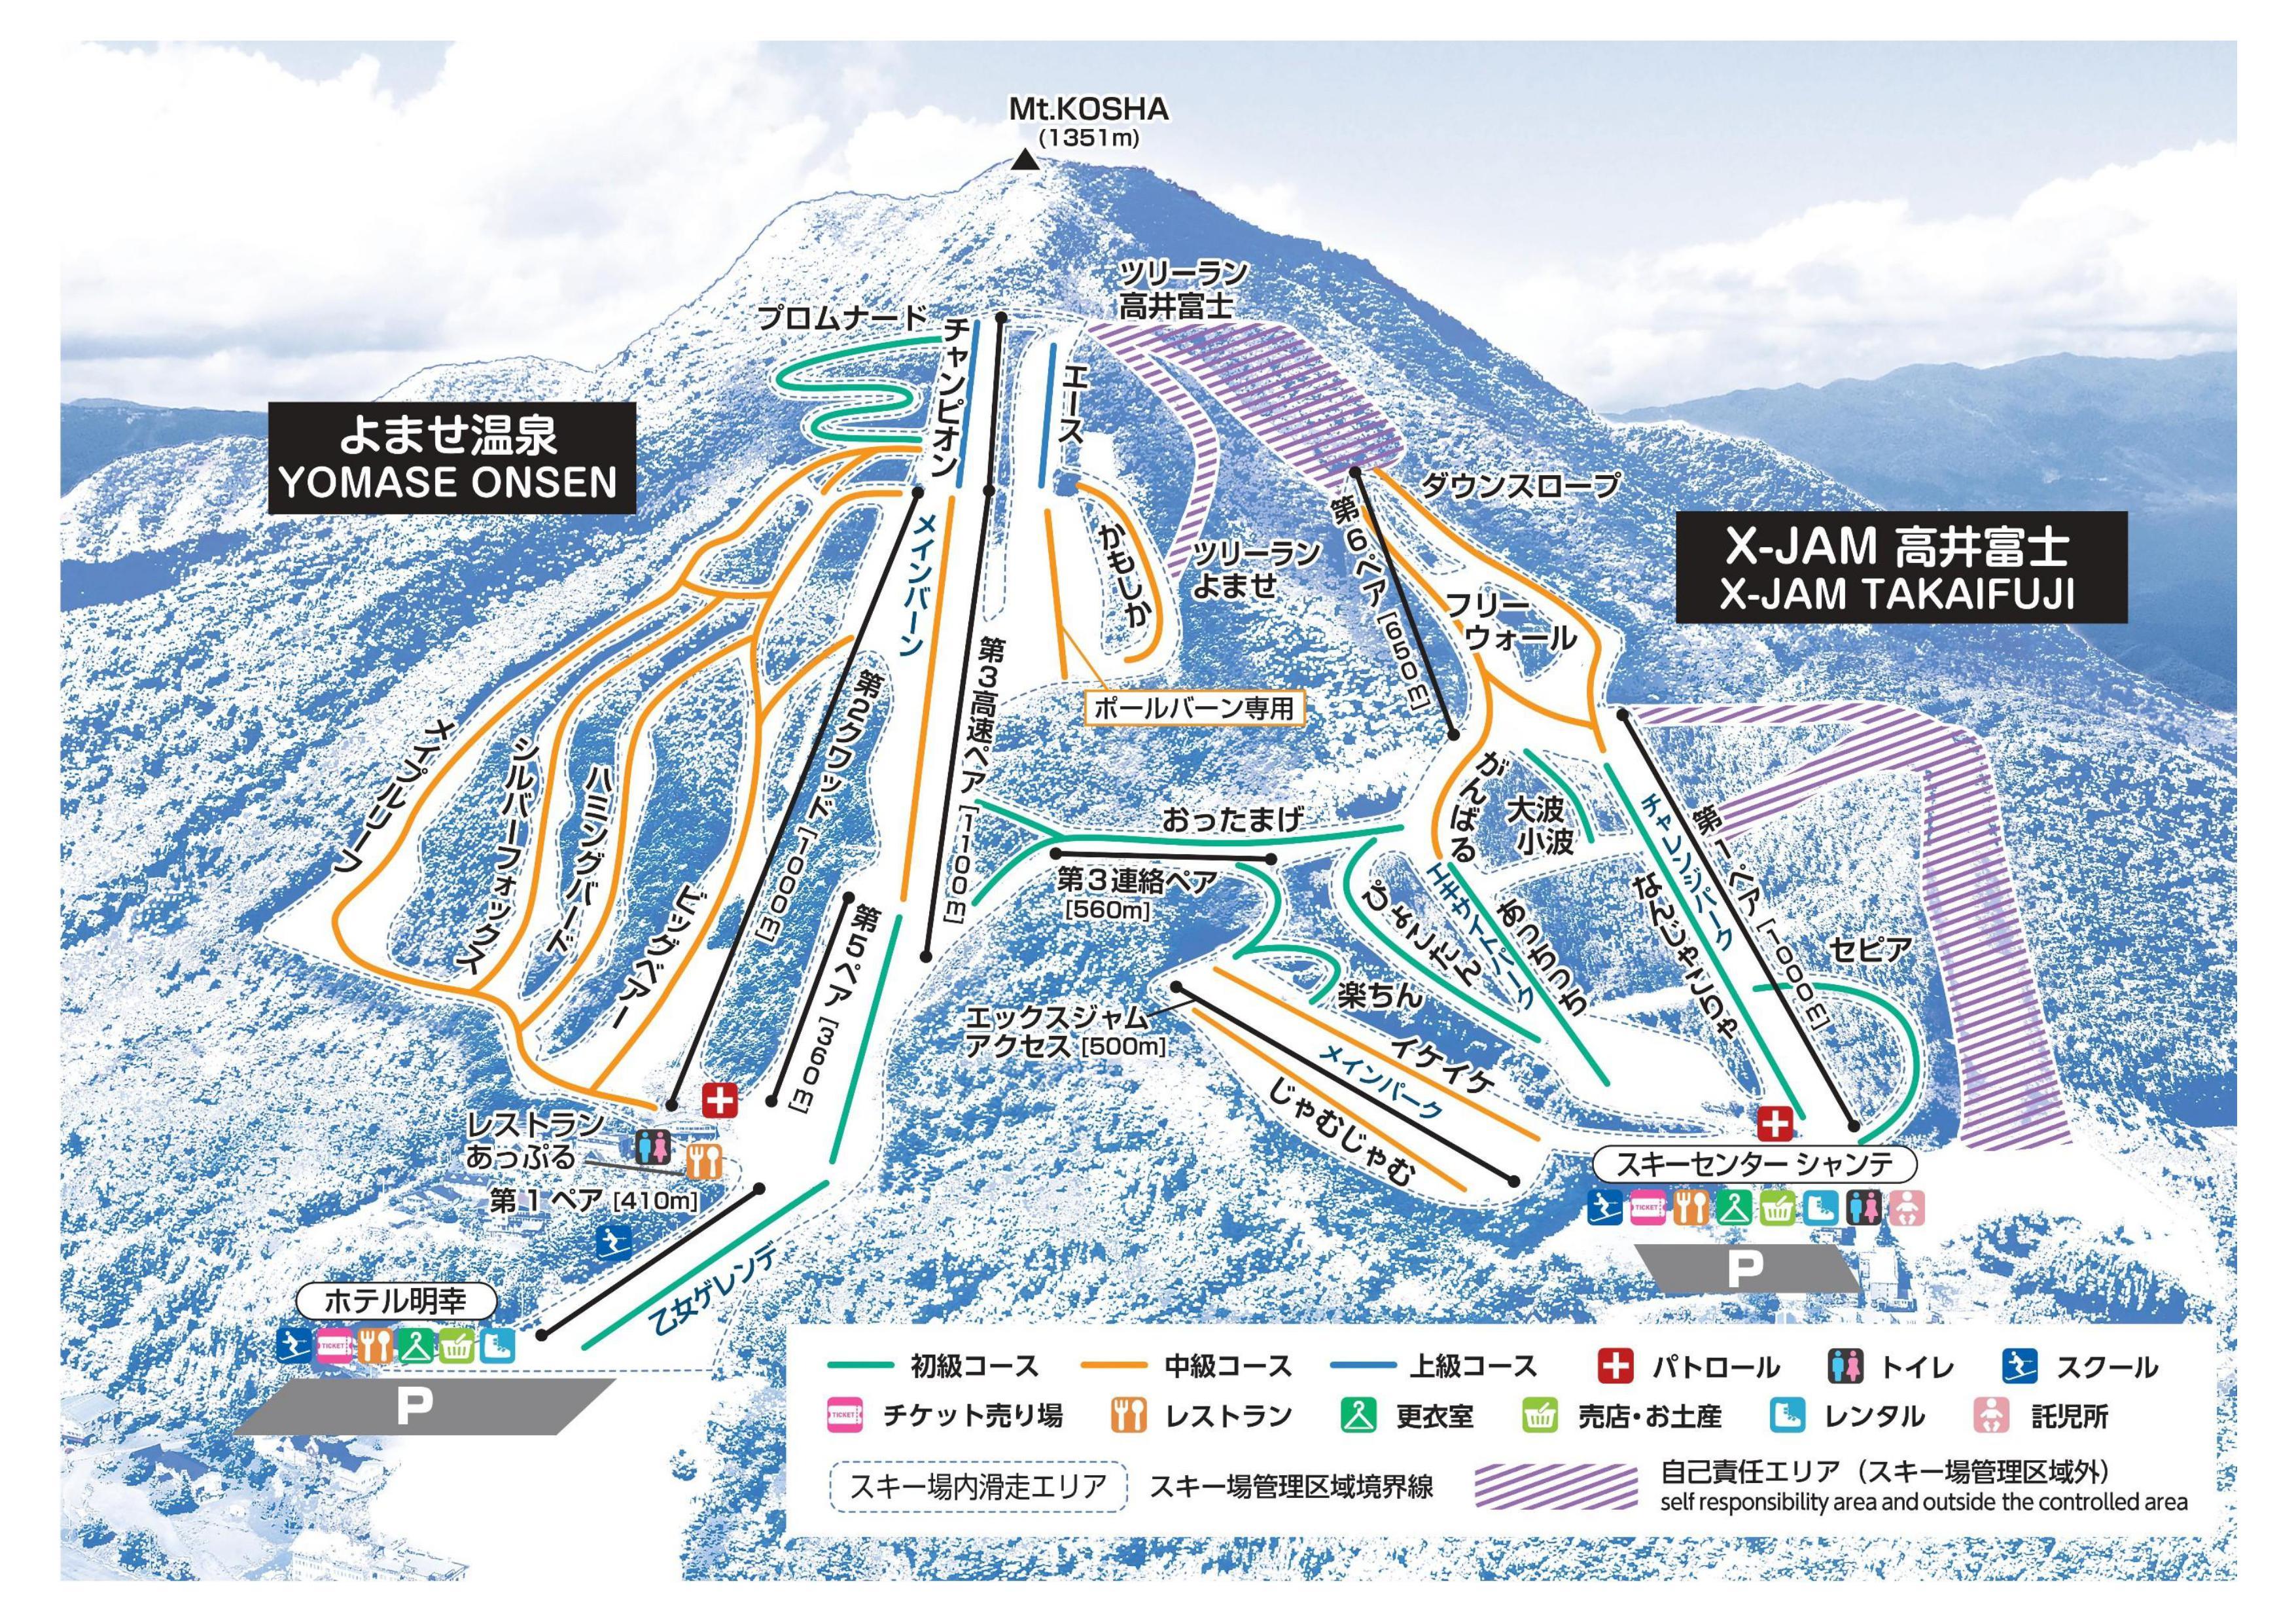 よませ温泉スキー場 ゲレンデマップ